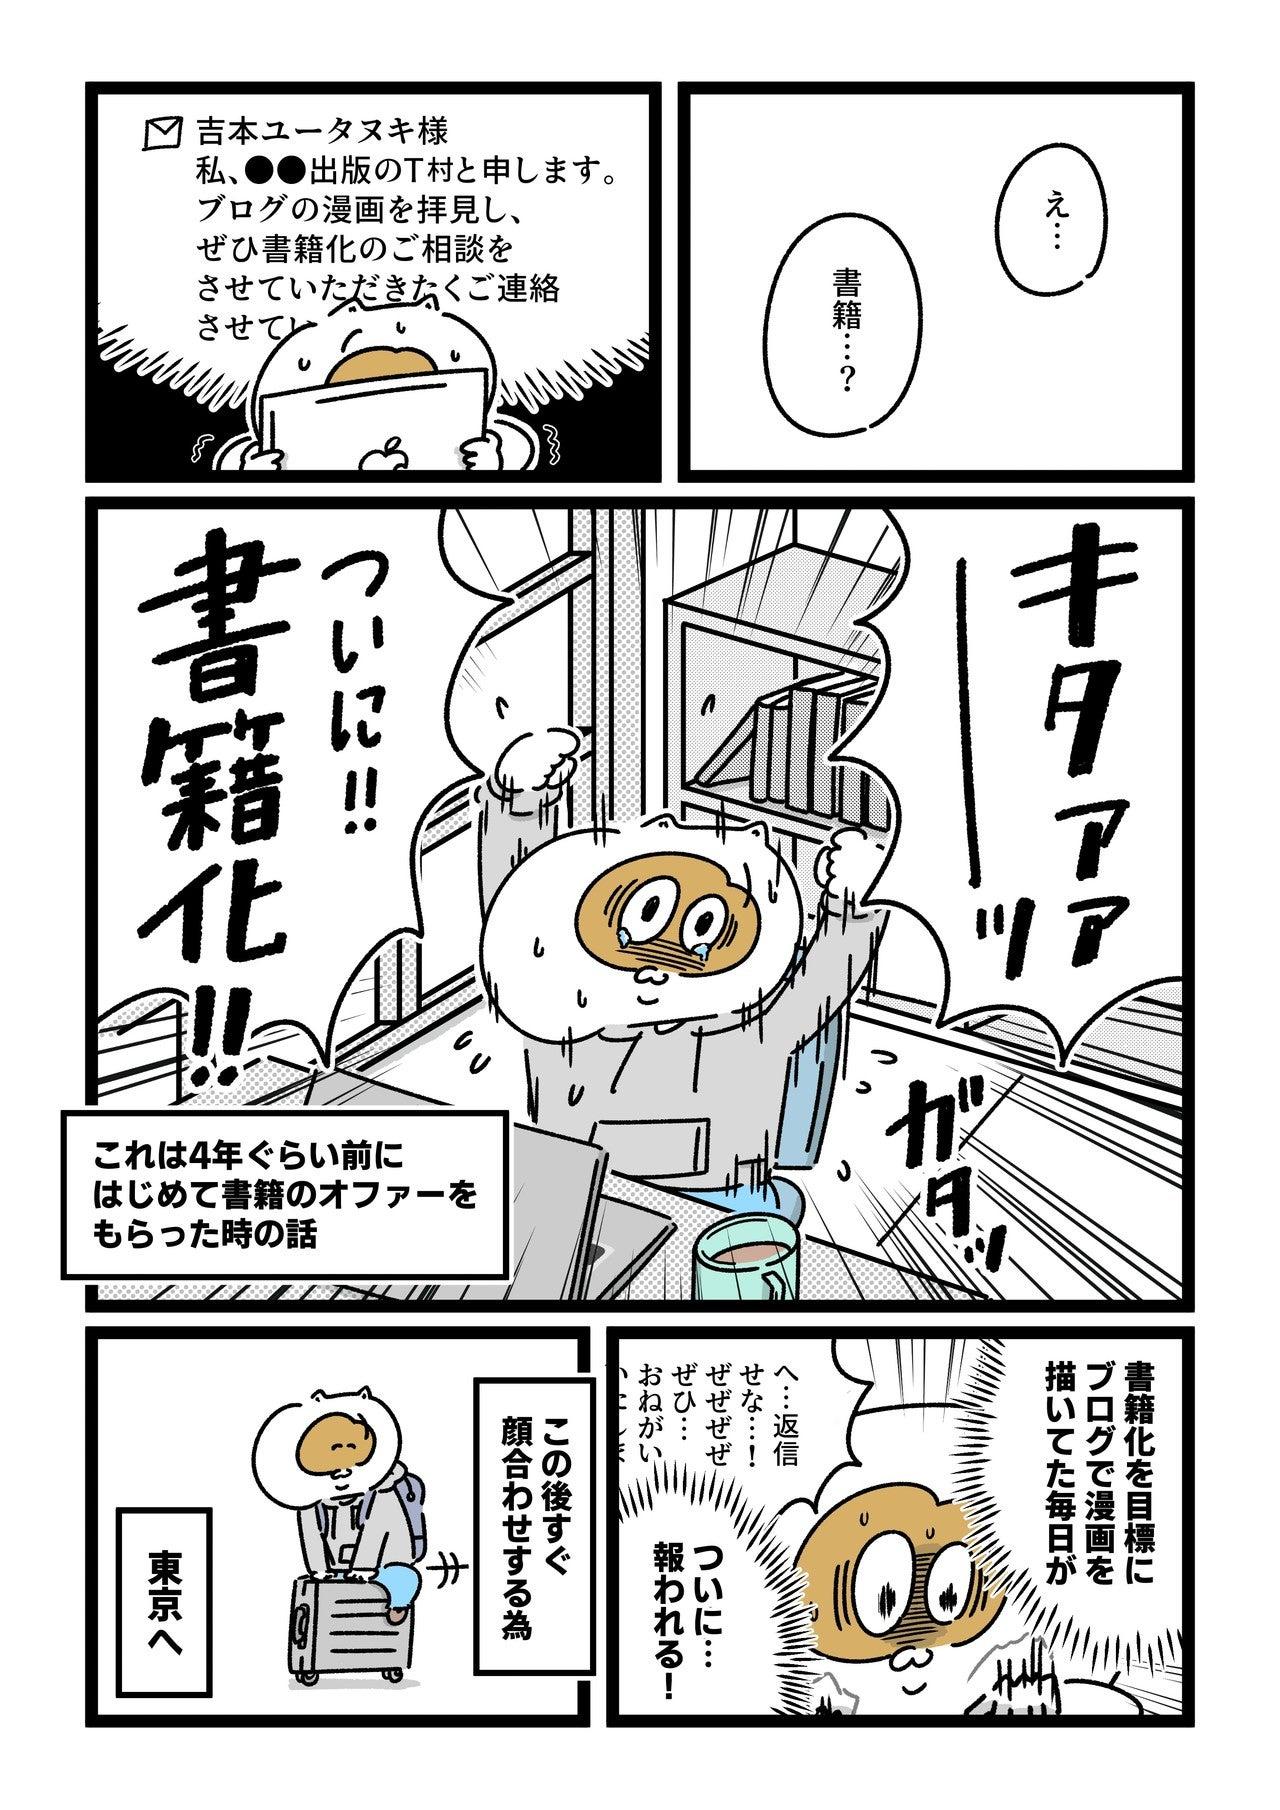 コミック28_出力_001